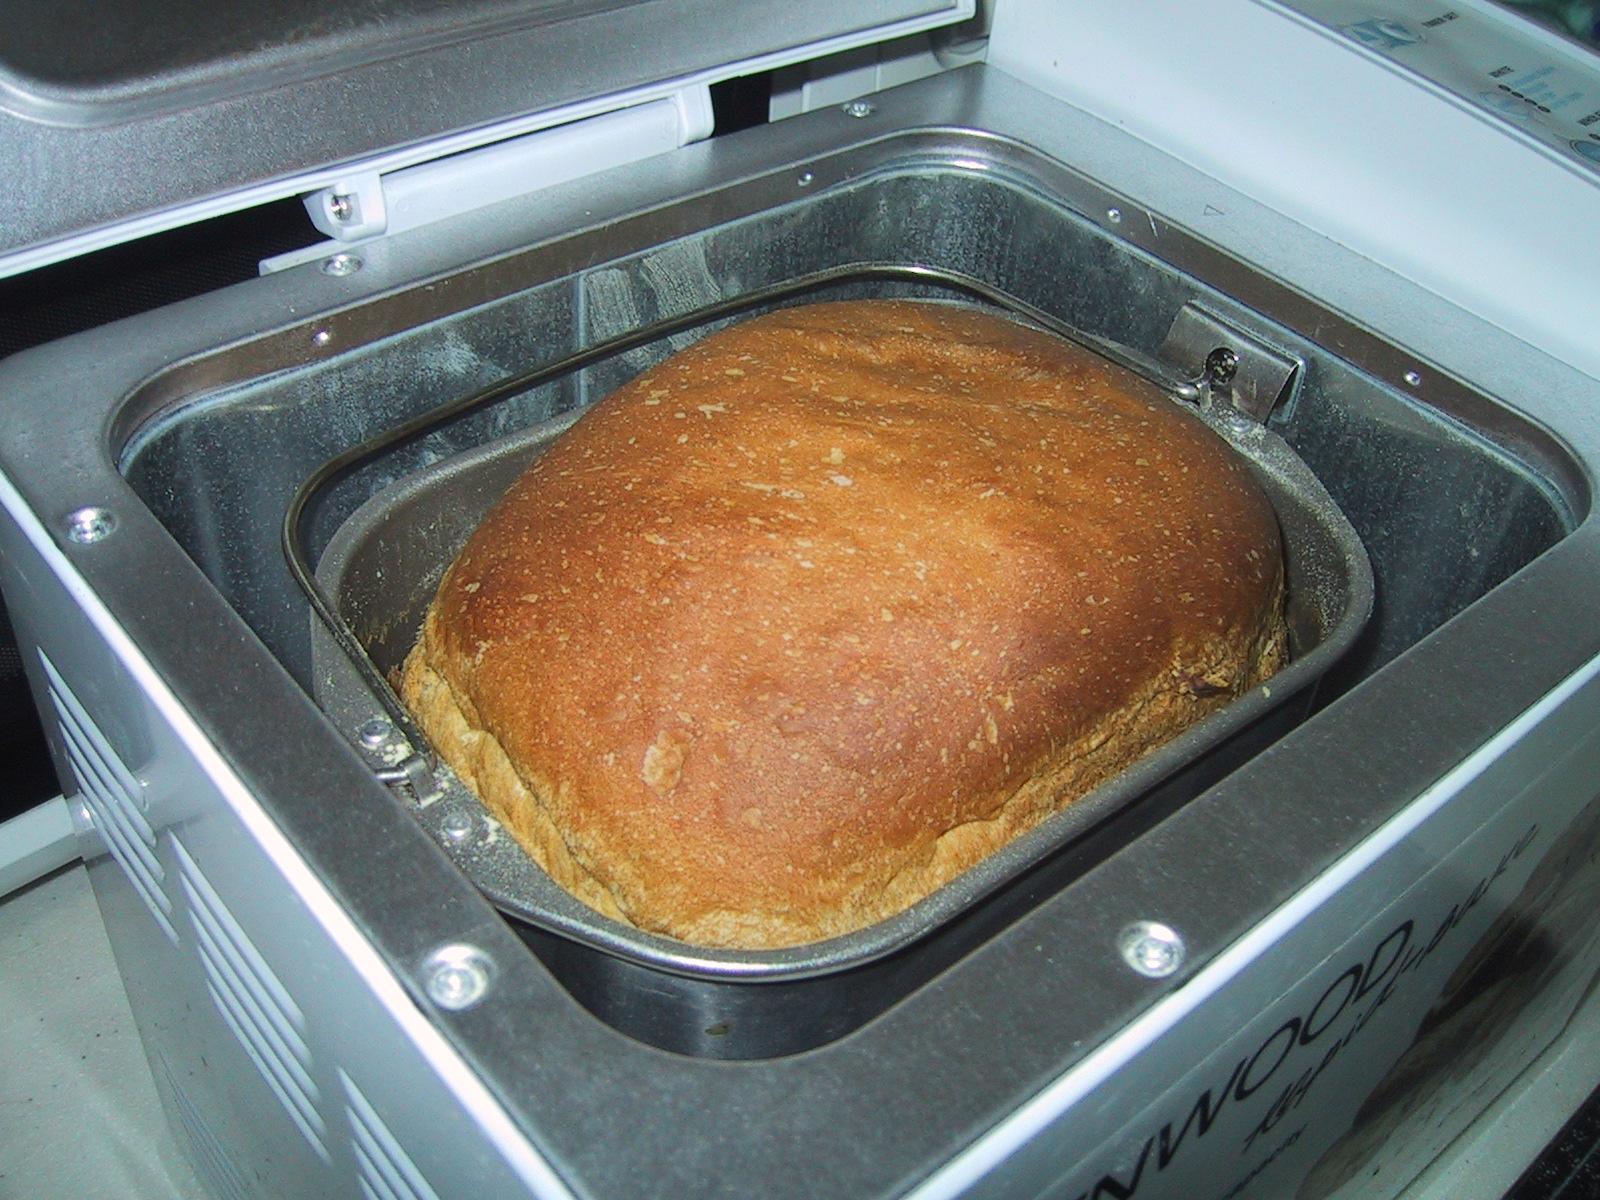 این تصویر یک دستگاه نان پز است که از سایت ویکیپدیا گرفته شده است.